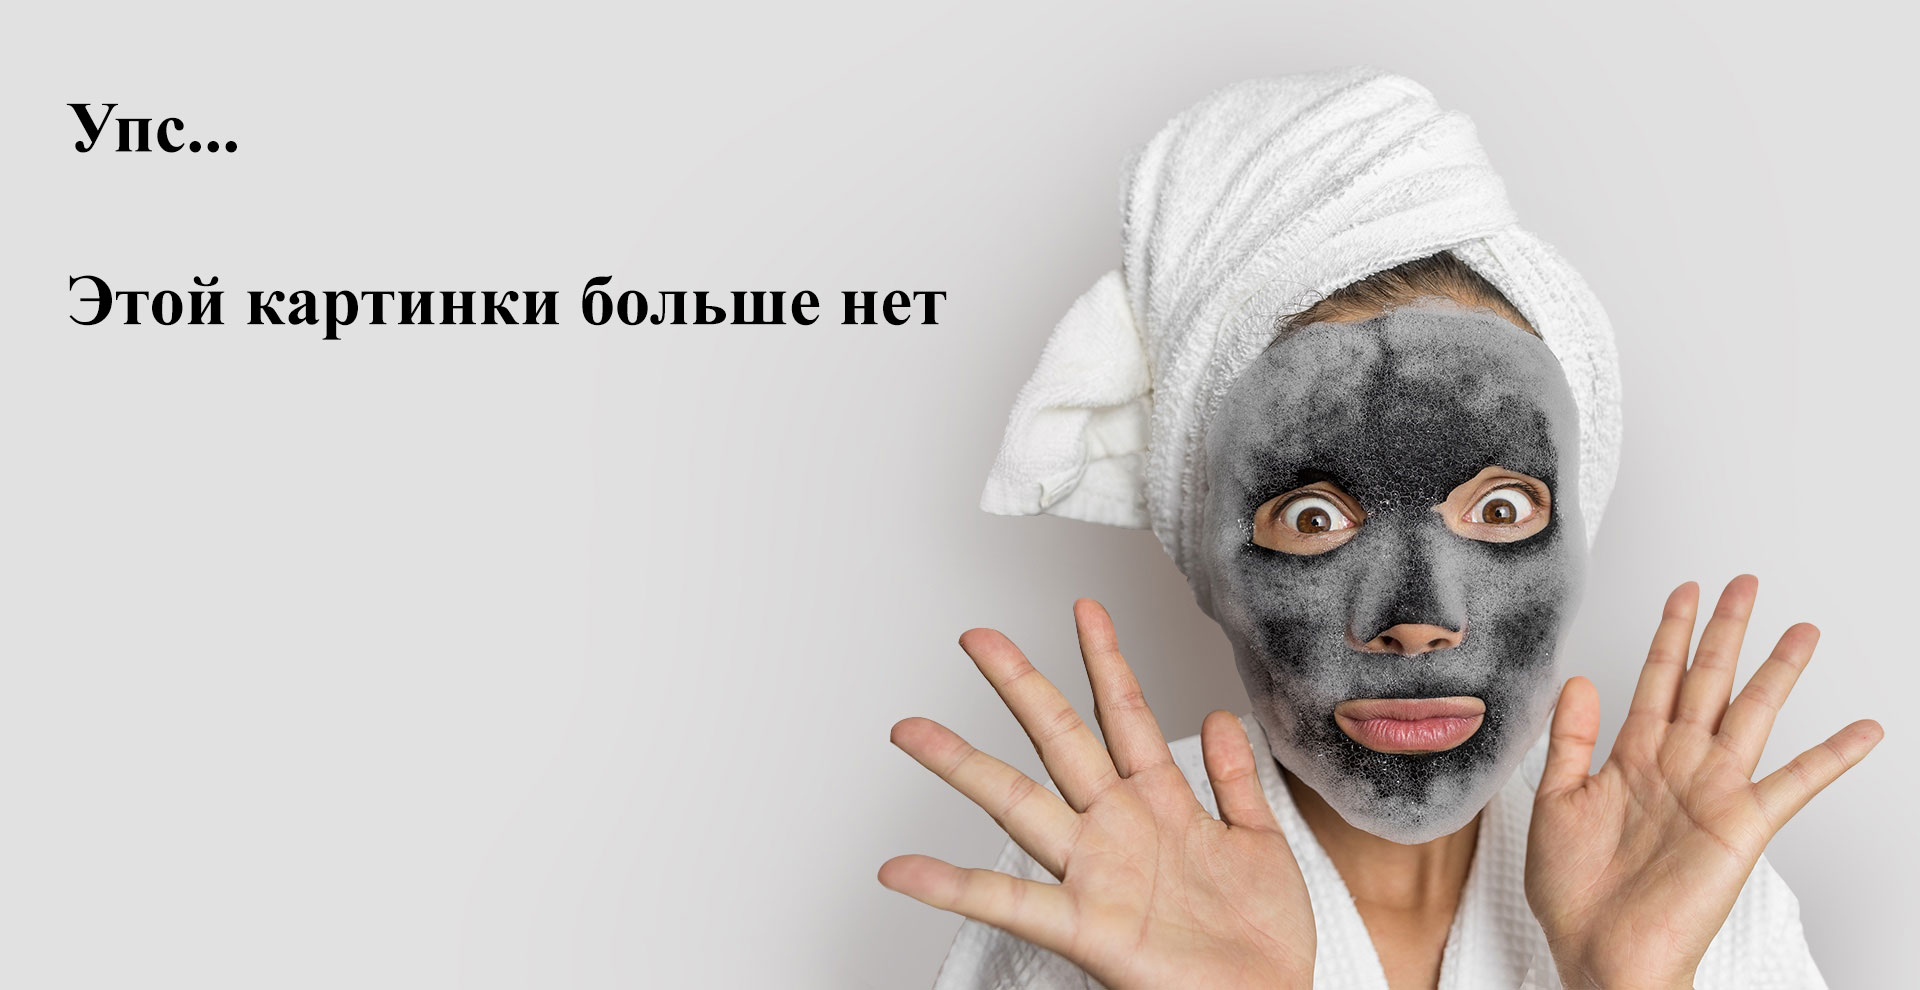 D'Michaél, Бальзам-маска Les notes de Vernon Renforcement, 500 мл